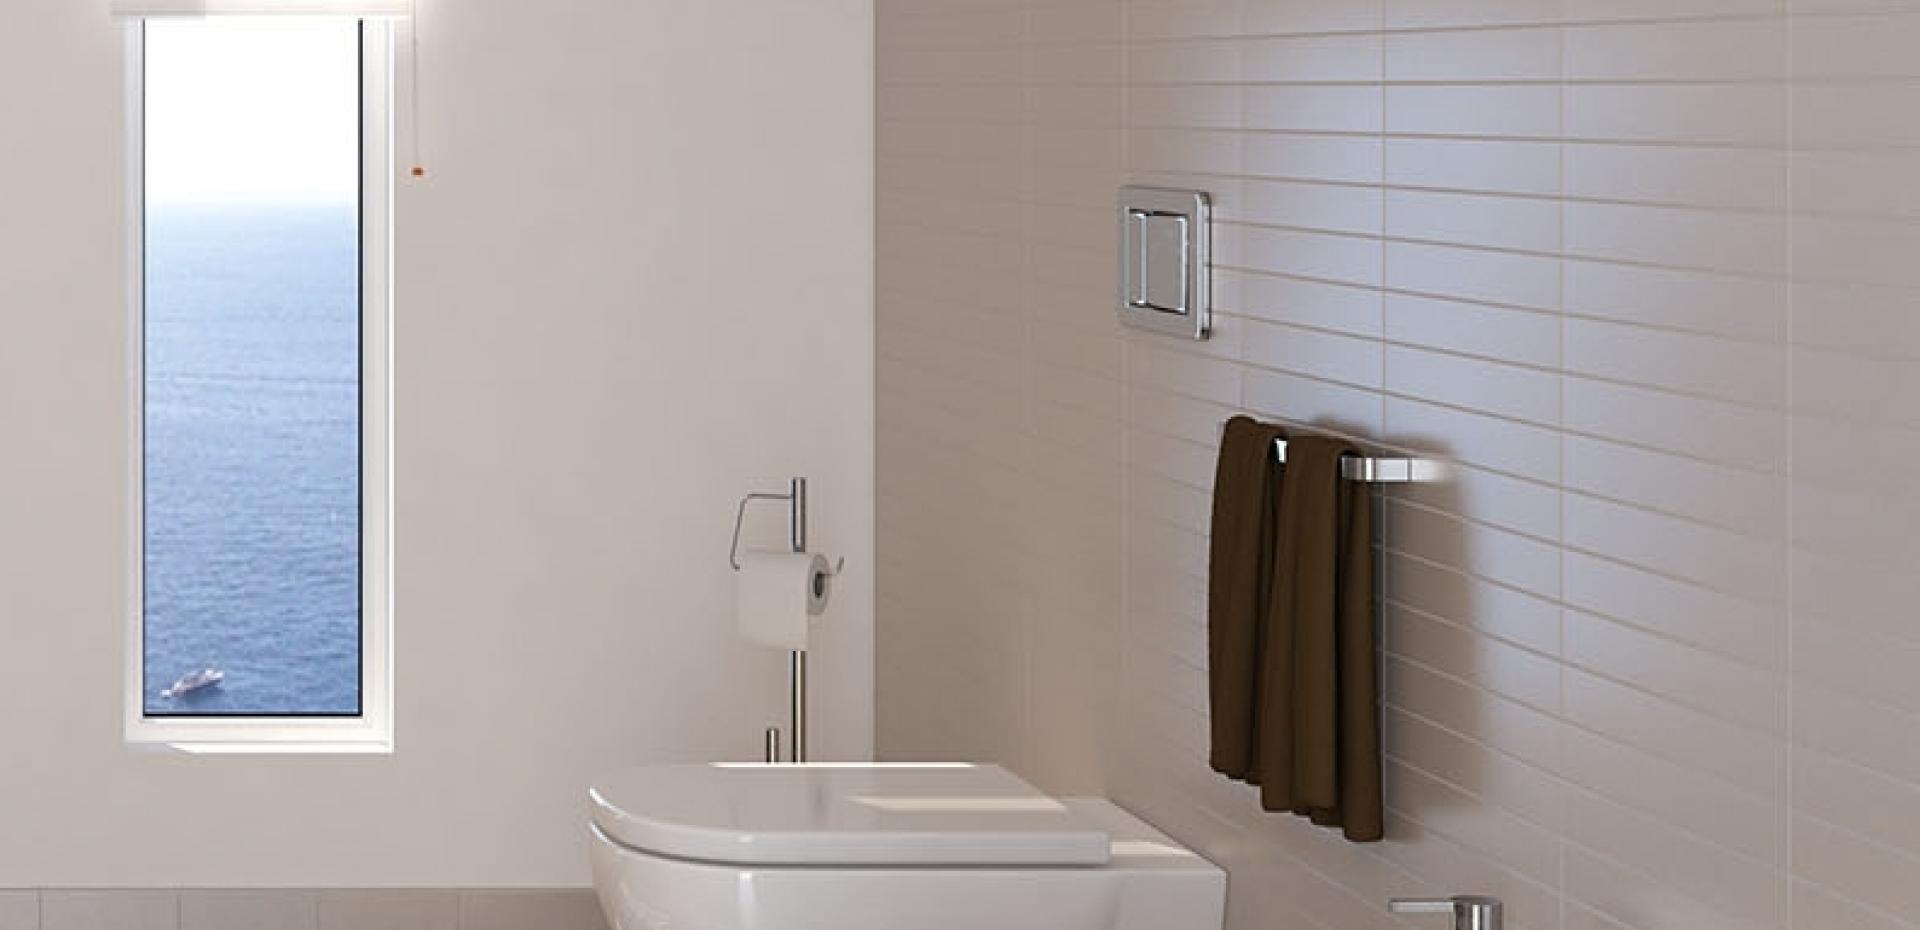 Piastrelle interni vogue system piastrelle per bagno e for Piastrelle bagno bianche lucide